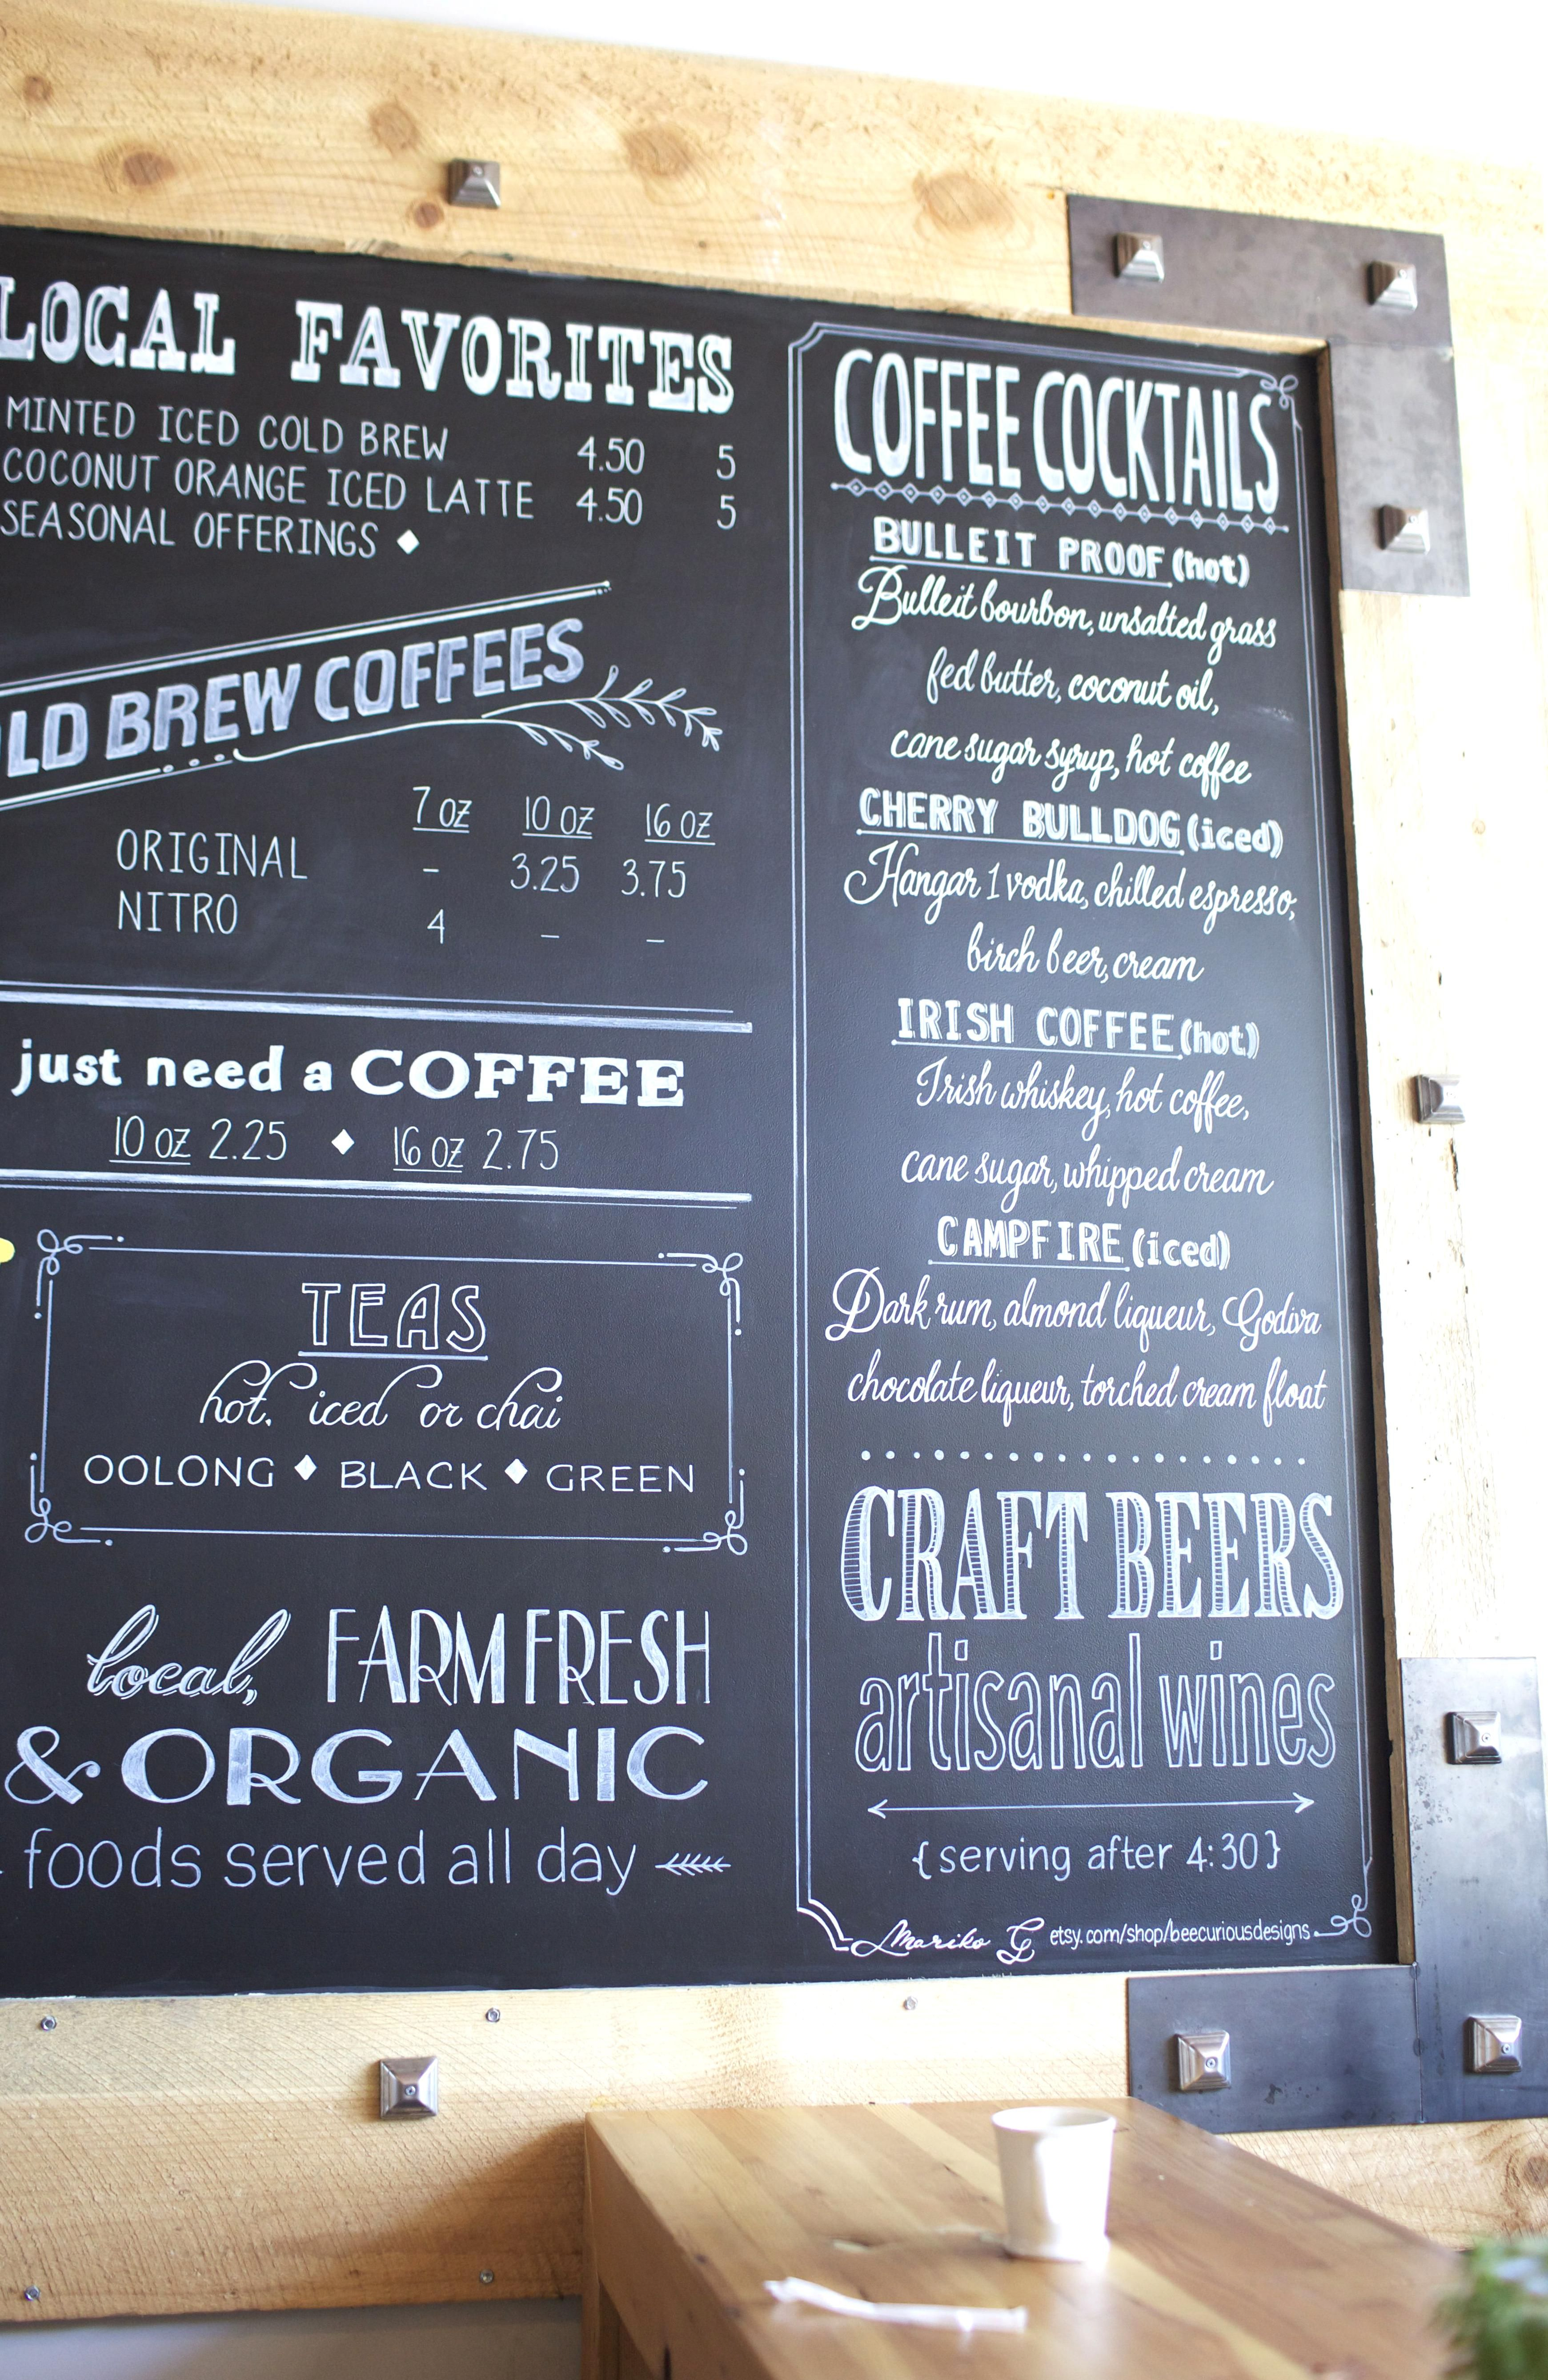 Off Site Mural Or Chalk Painting Coffee Shops Restaurants Corporate Branding In 2020 Coffee Shop Menu Coffee Menu Cafe Menu